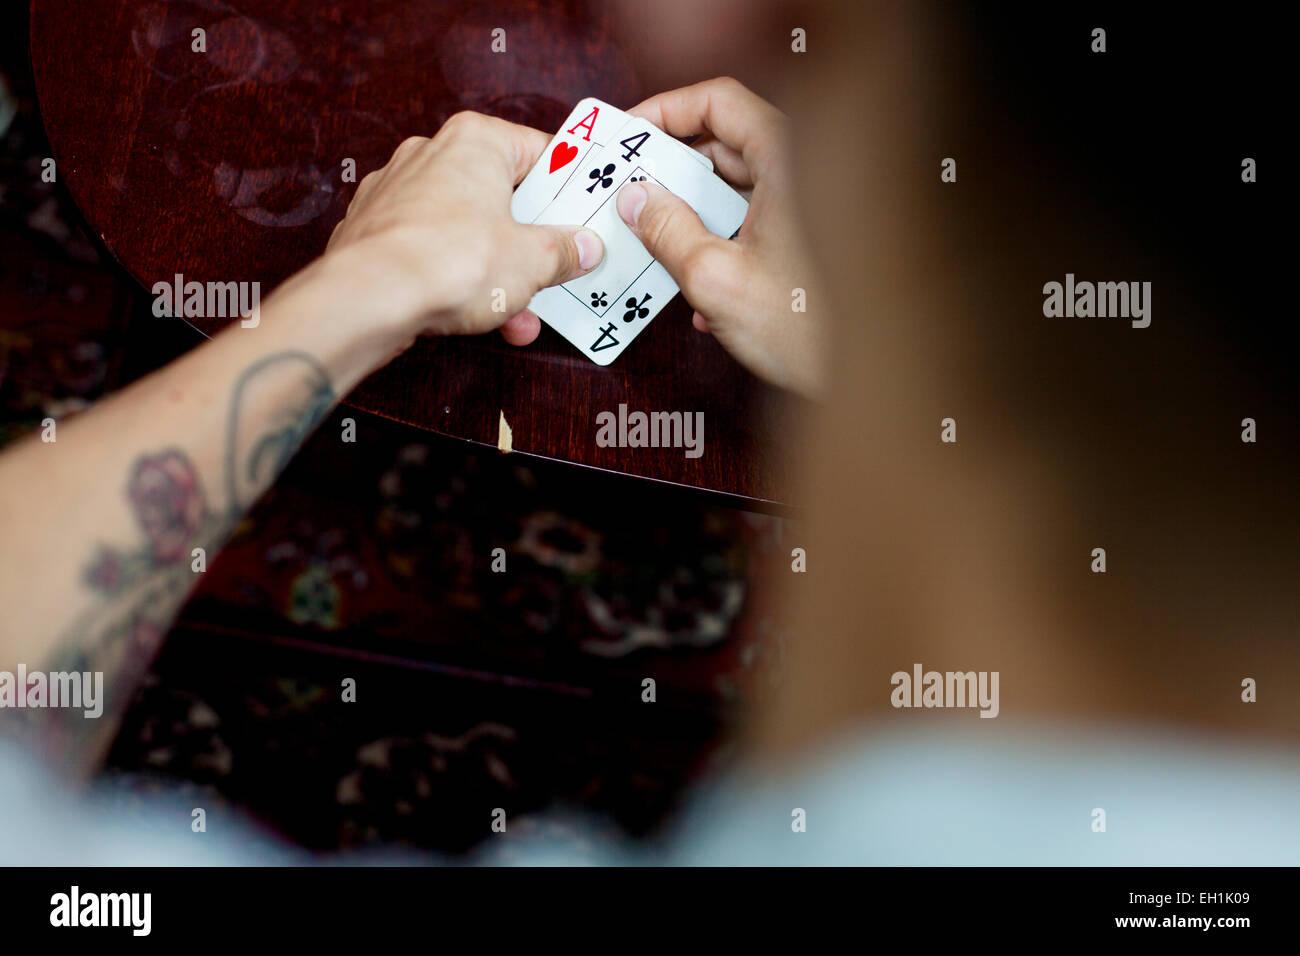 Immagine ritagliata dell'uomo giocando a carte a casa Immagini Stock